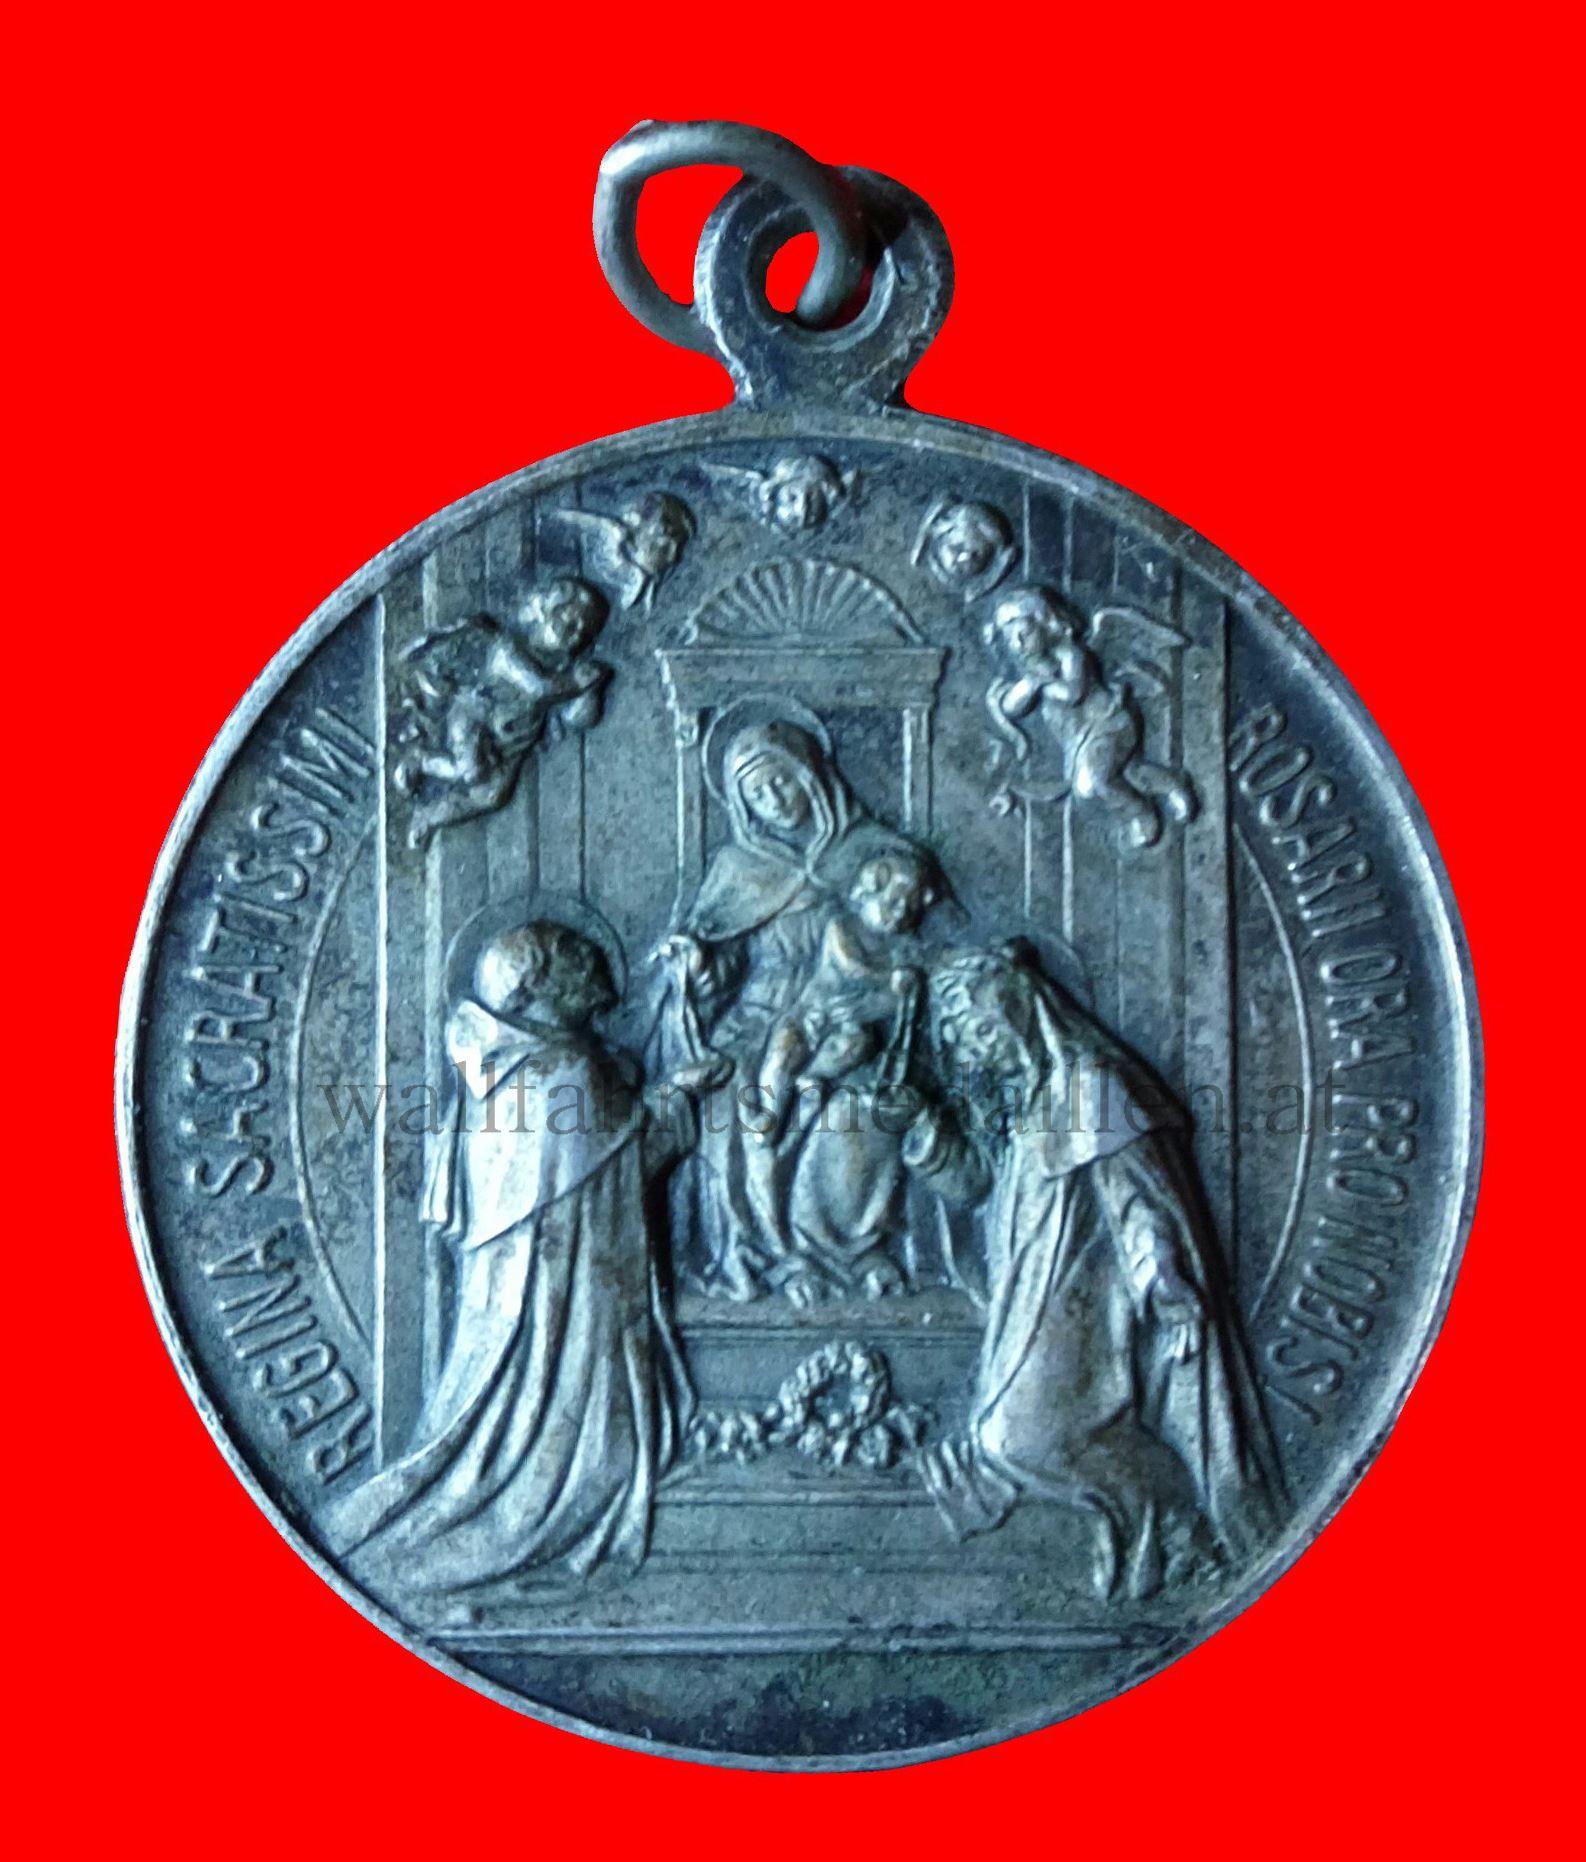 Die Rosenkranzspende an den heiligen Dominikus und die heilige Katharina von Siena